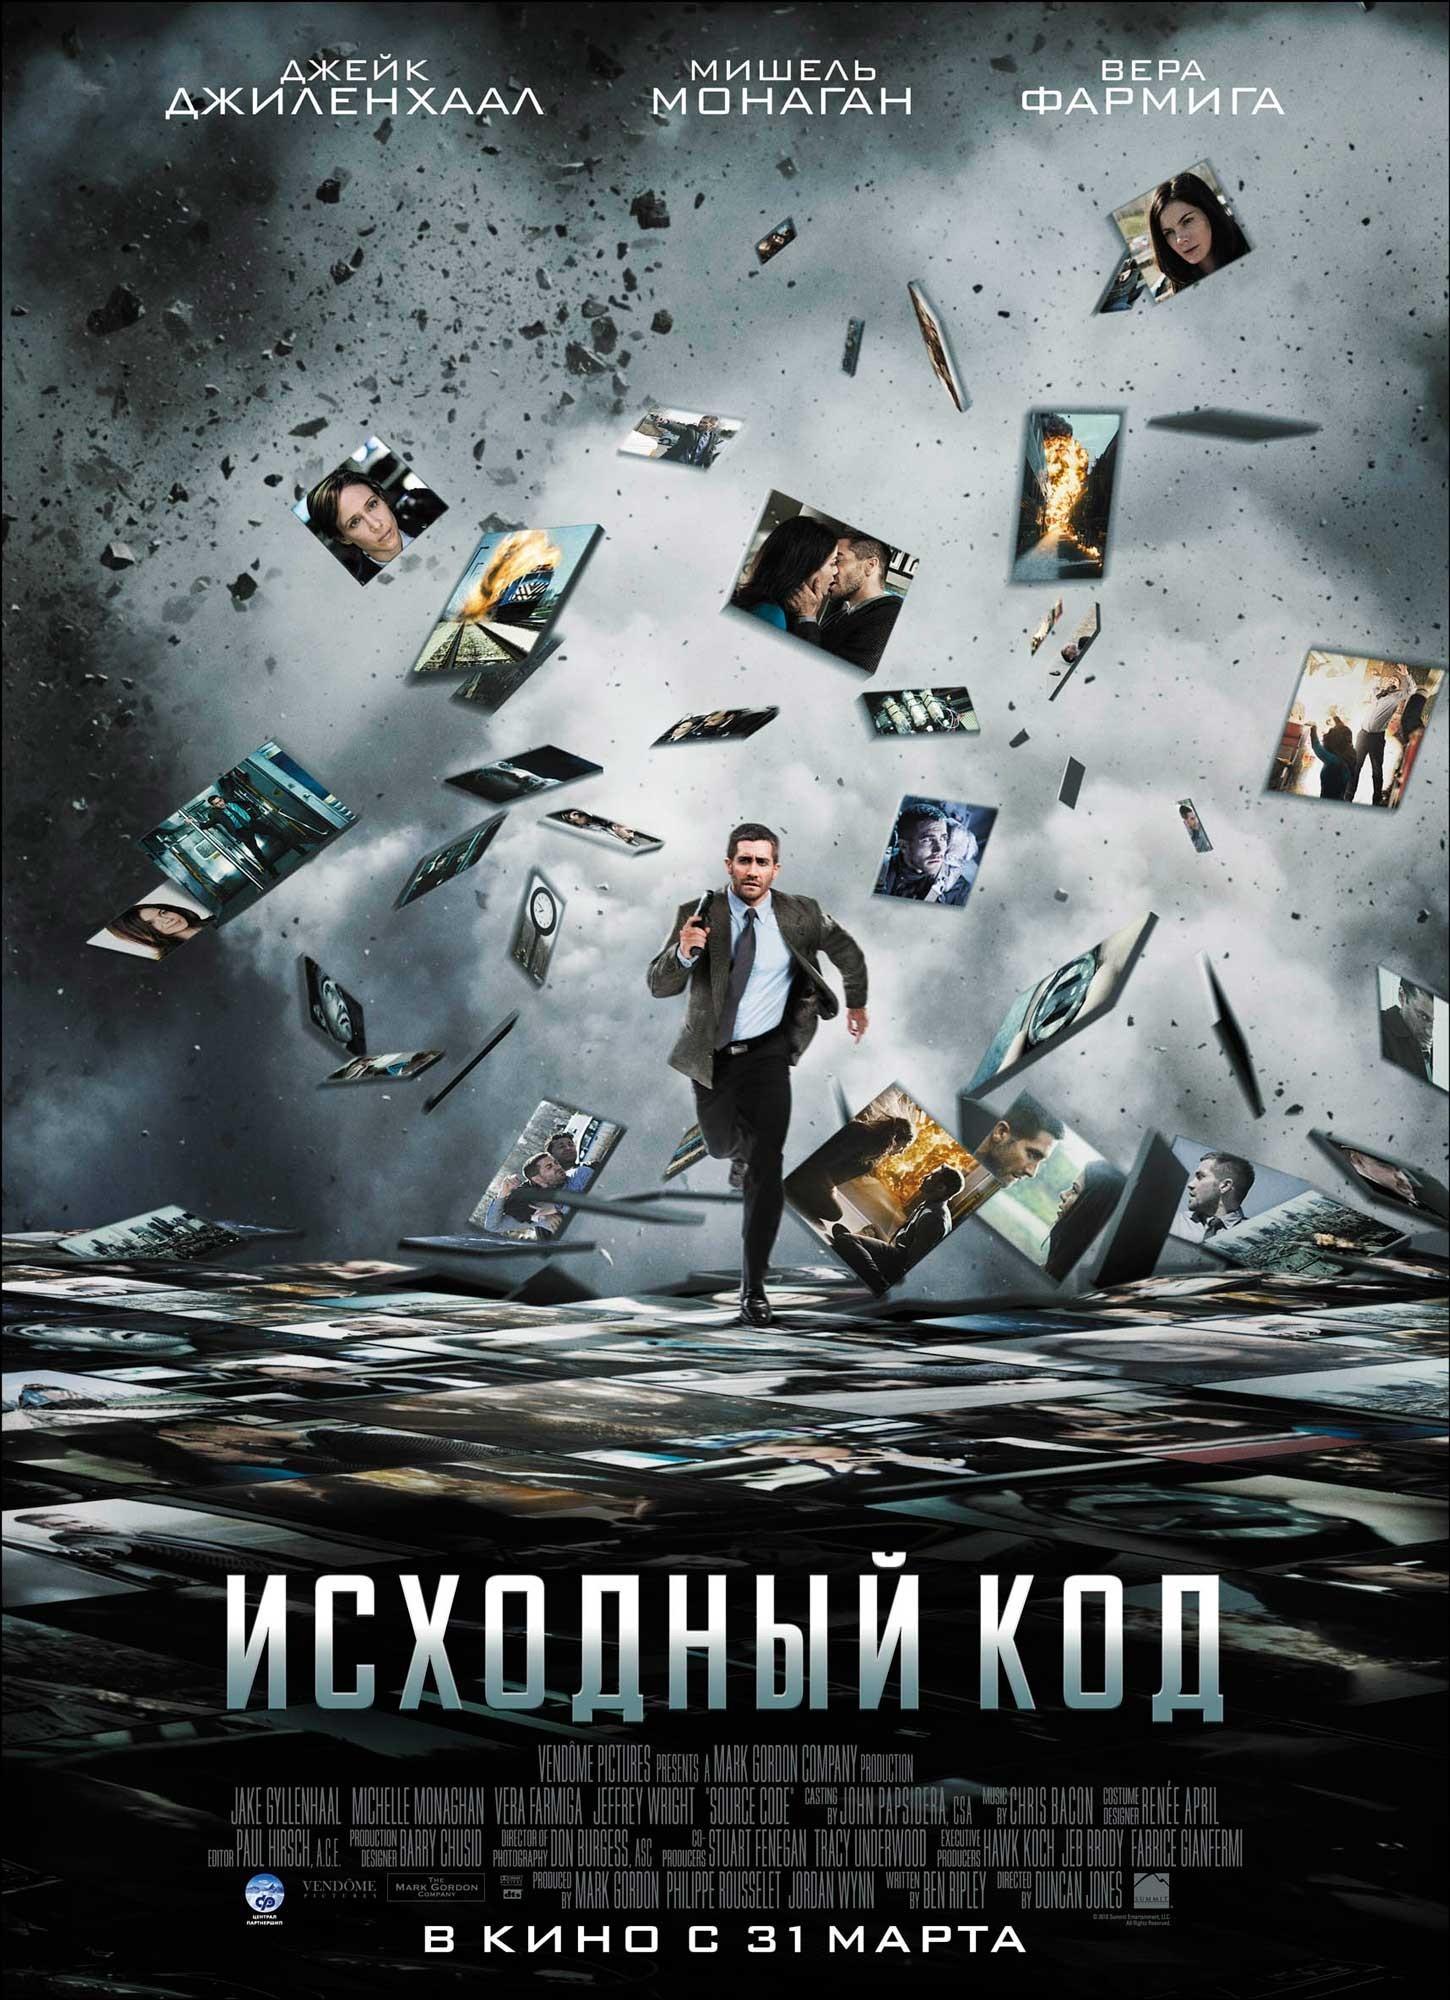 Пряники из картошки скачать фильм торрент 2011 -.